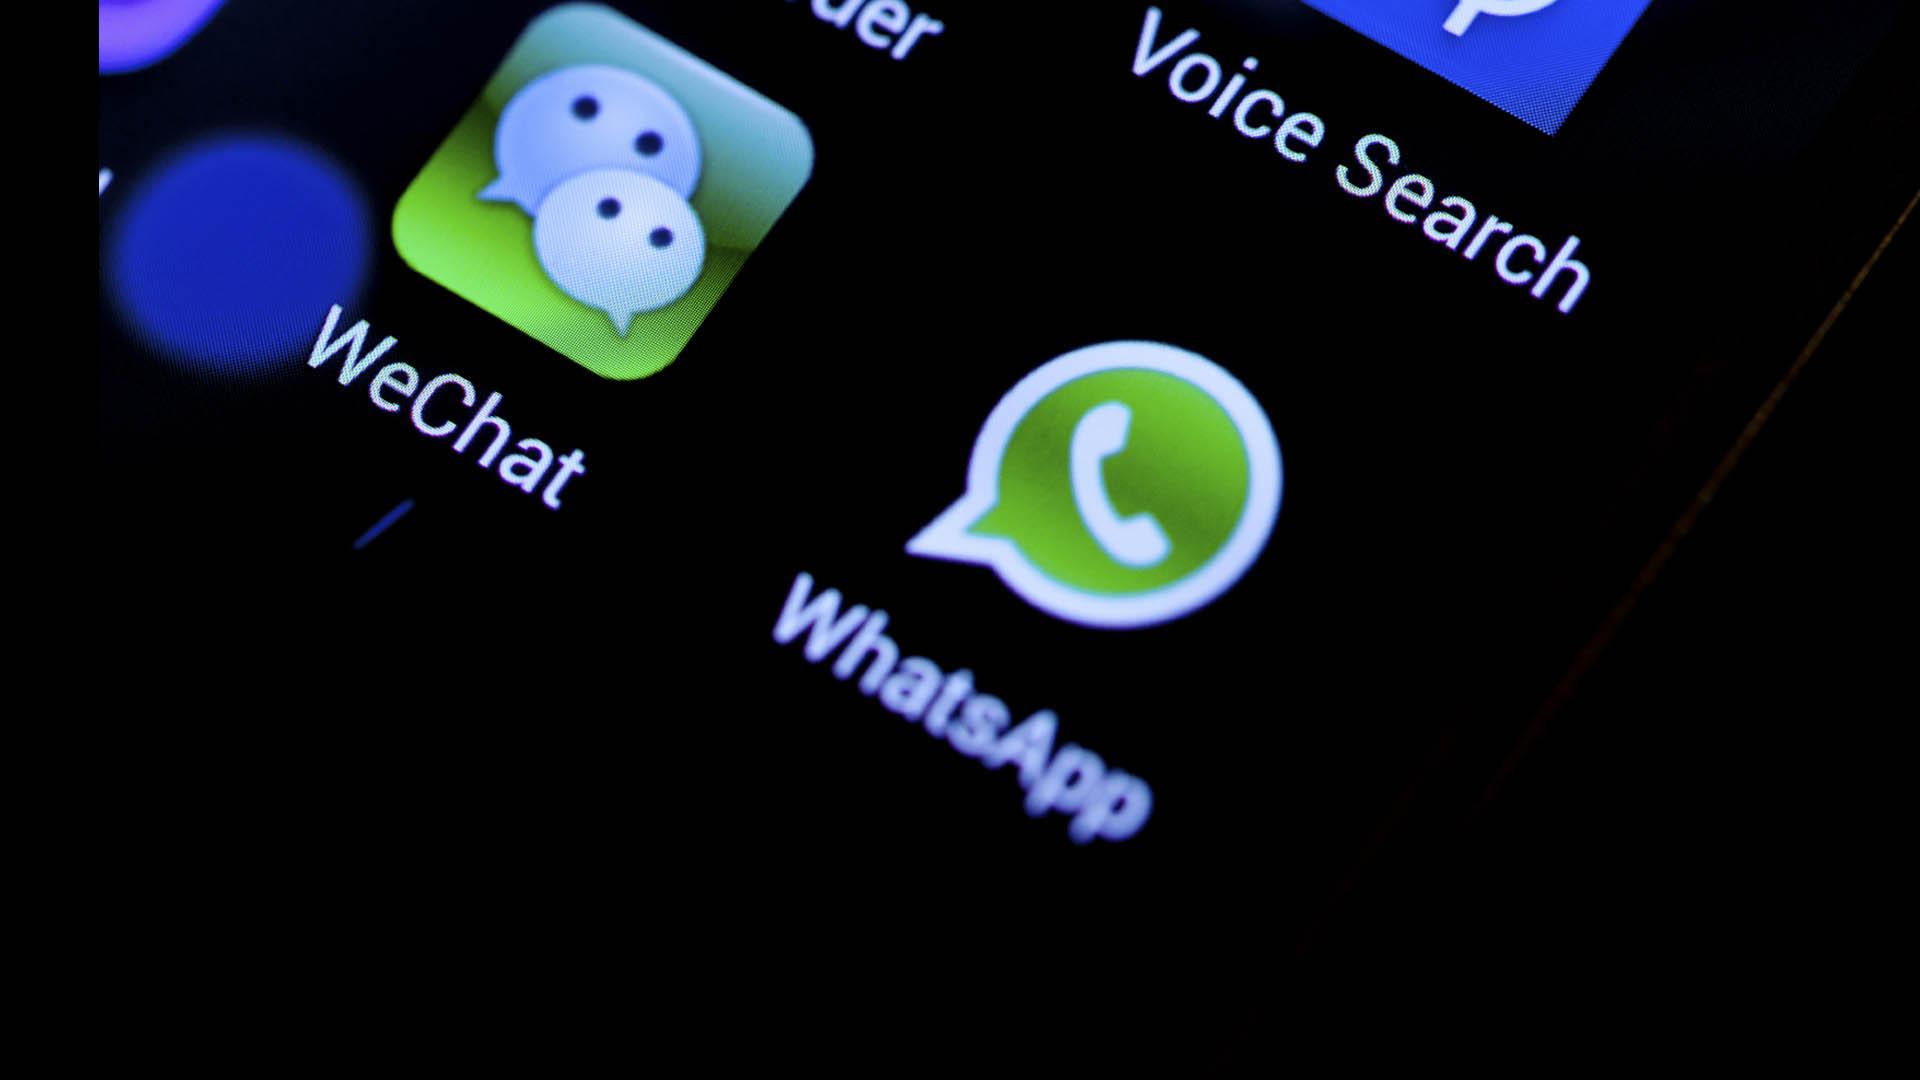 Delincuentes electrónicos utilizan el sistema de mensajería para acceder a los datos de los usuarios o dejar los celulares inservibles